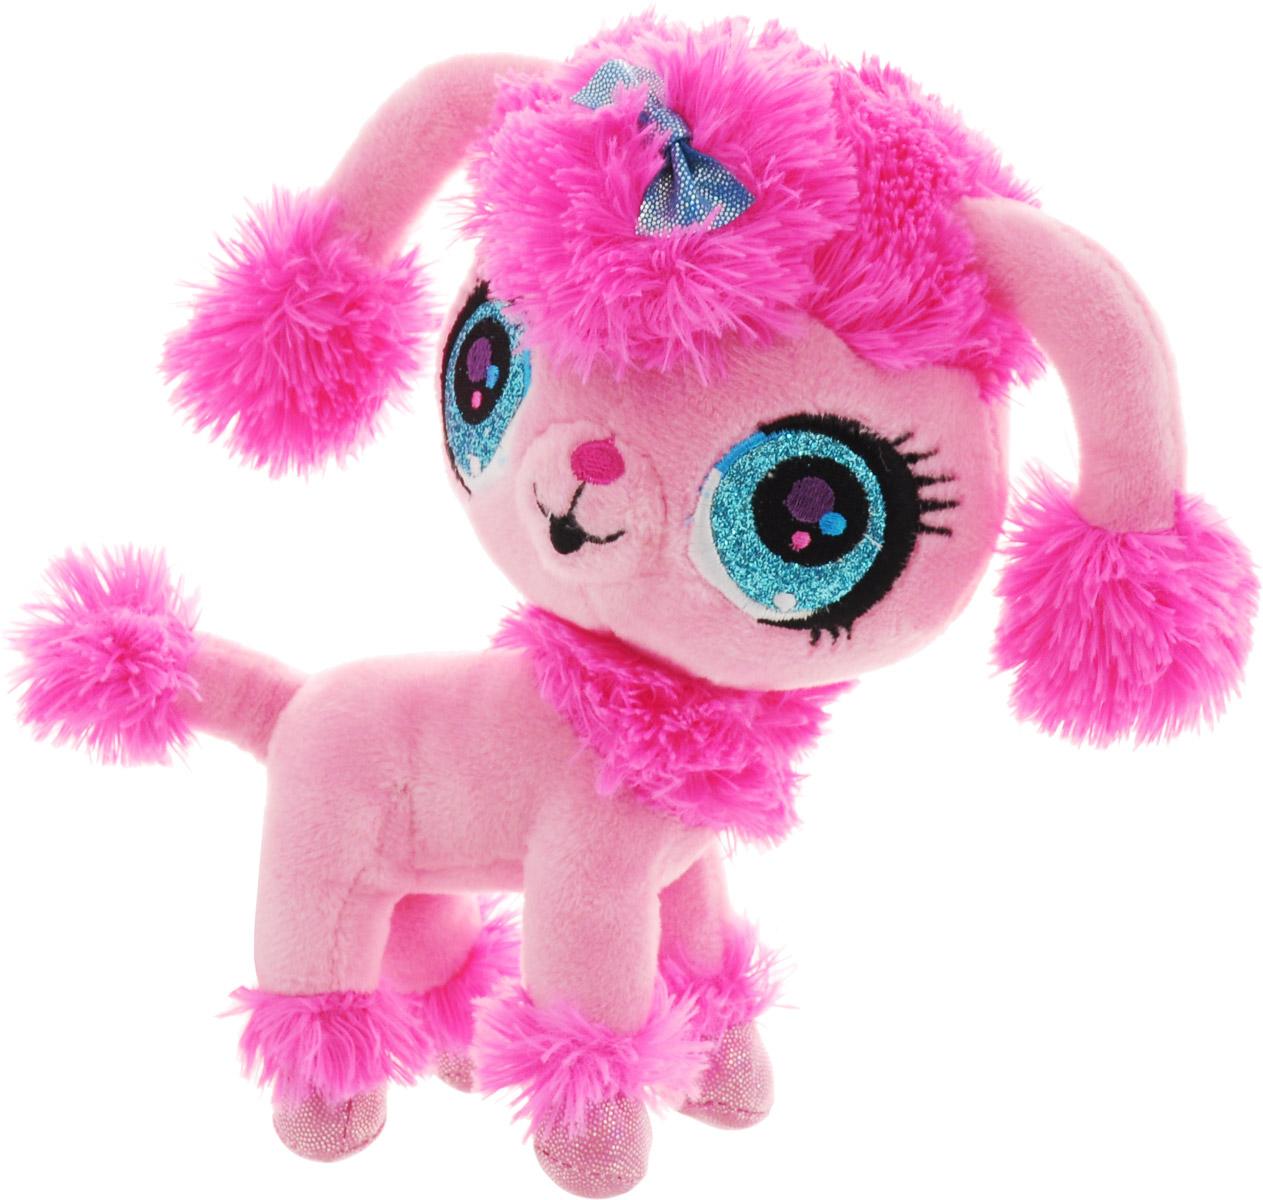 Мульти-Пульти Мягкая игрушка Пудель lps мульти пульти мягкая игрушка принцесса луна 18 см со звуком my little pony мульти пульти